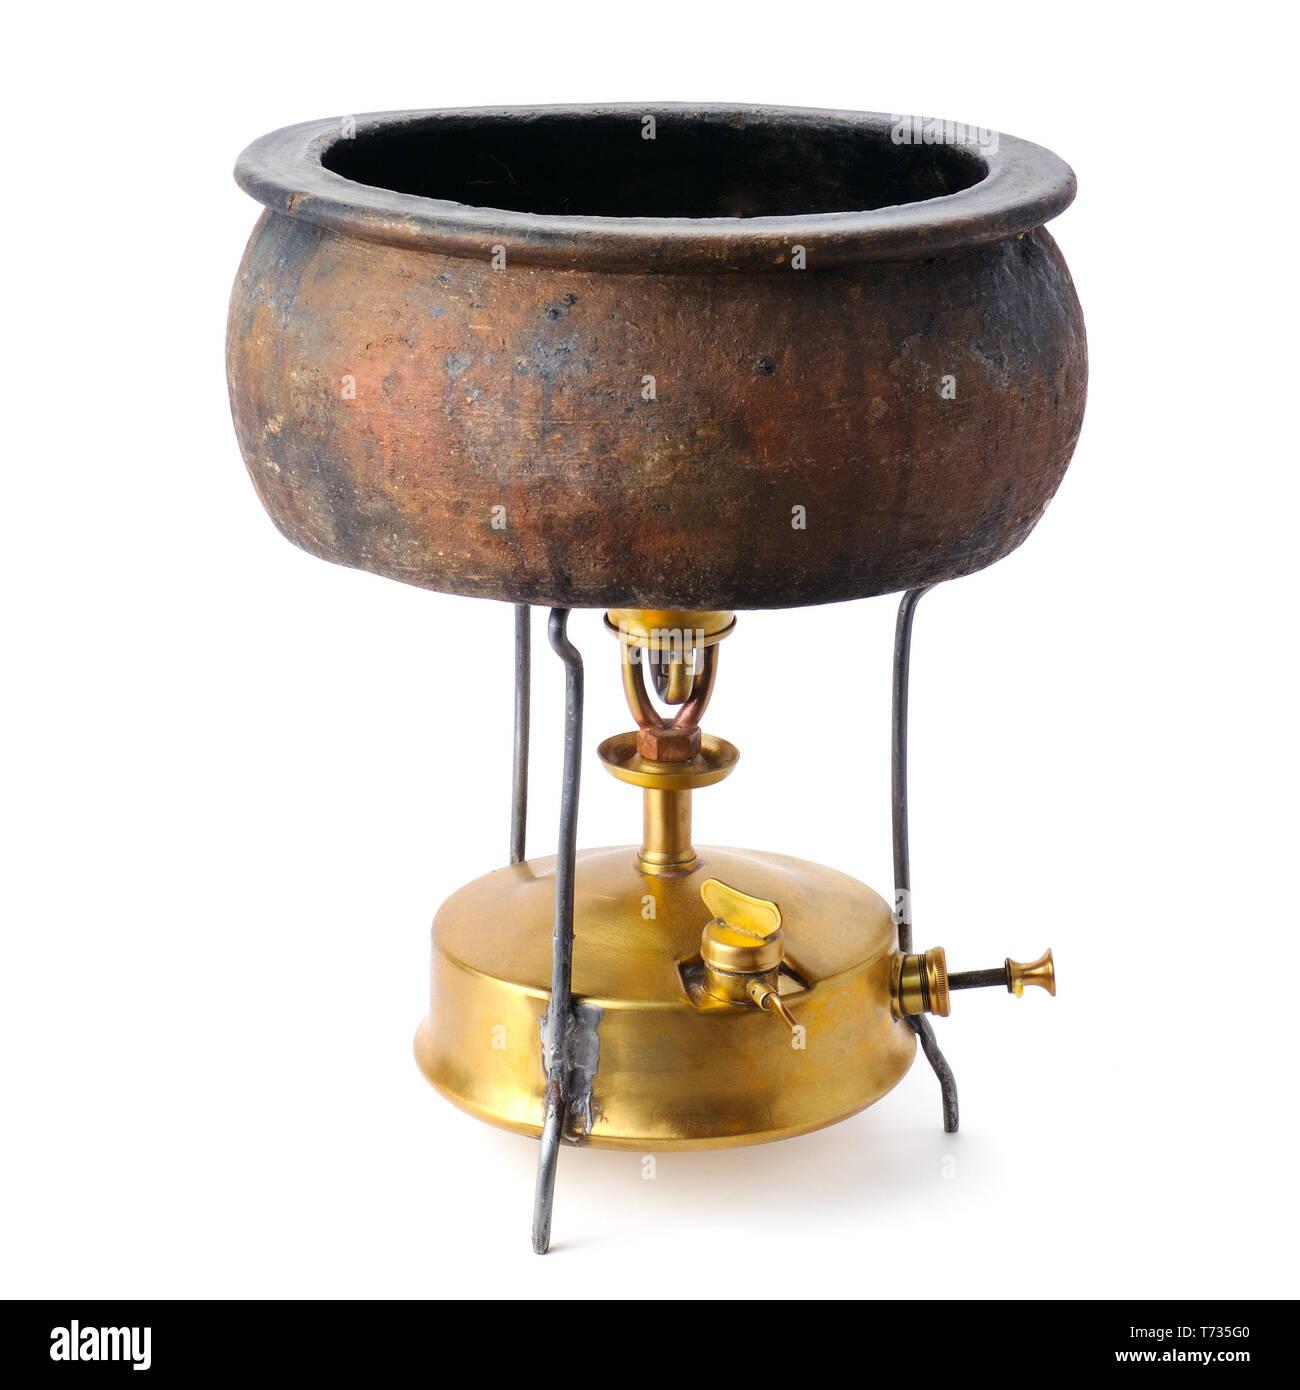 kerosene stove and a ceramic pot isolated on white background - Stock Image